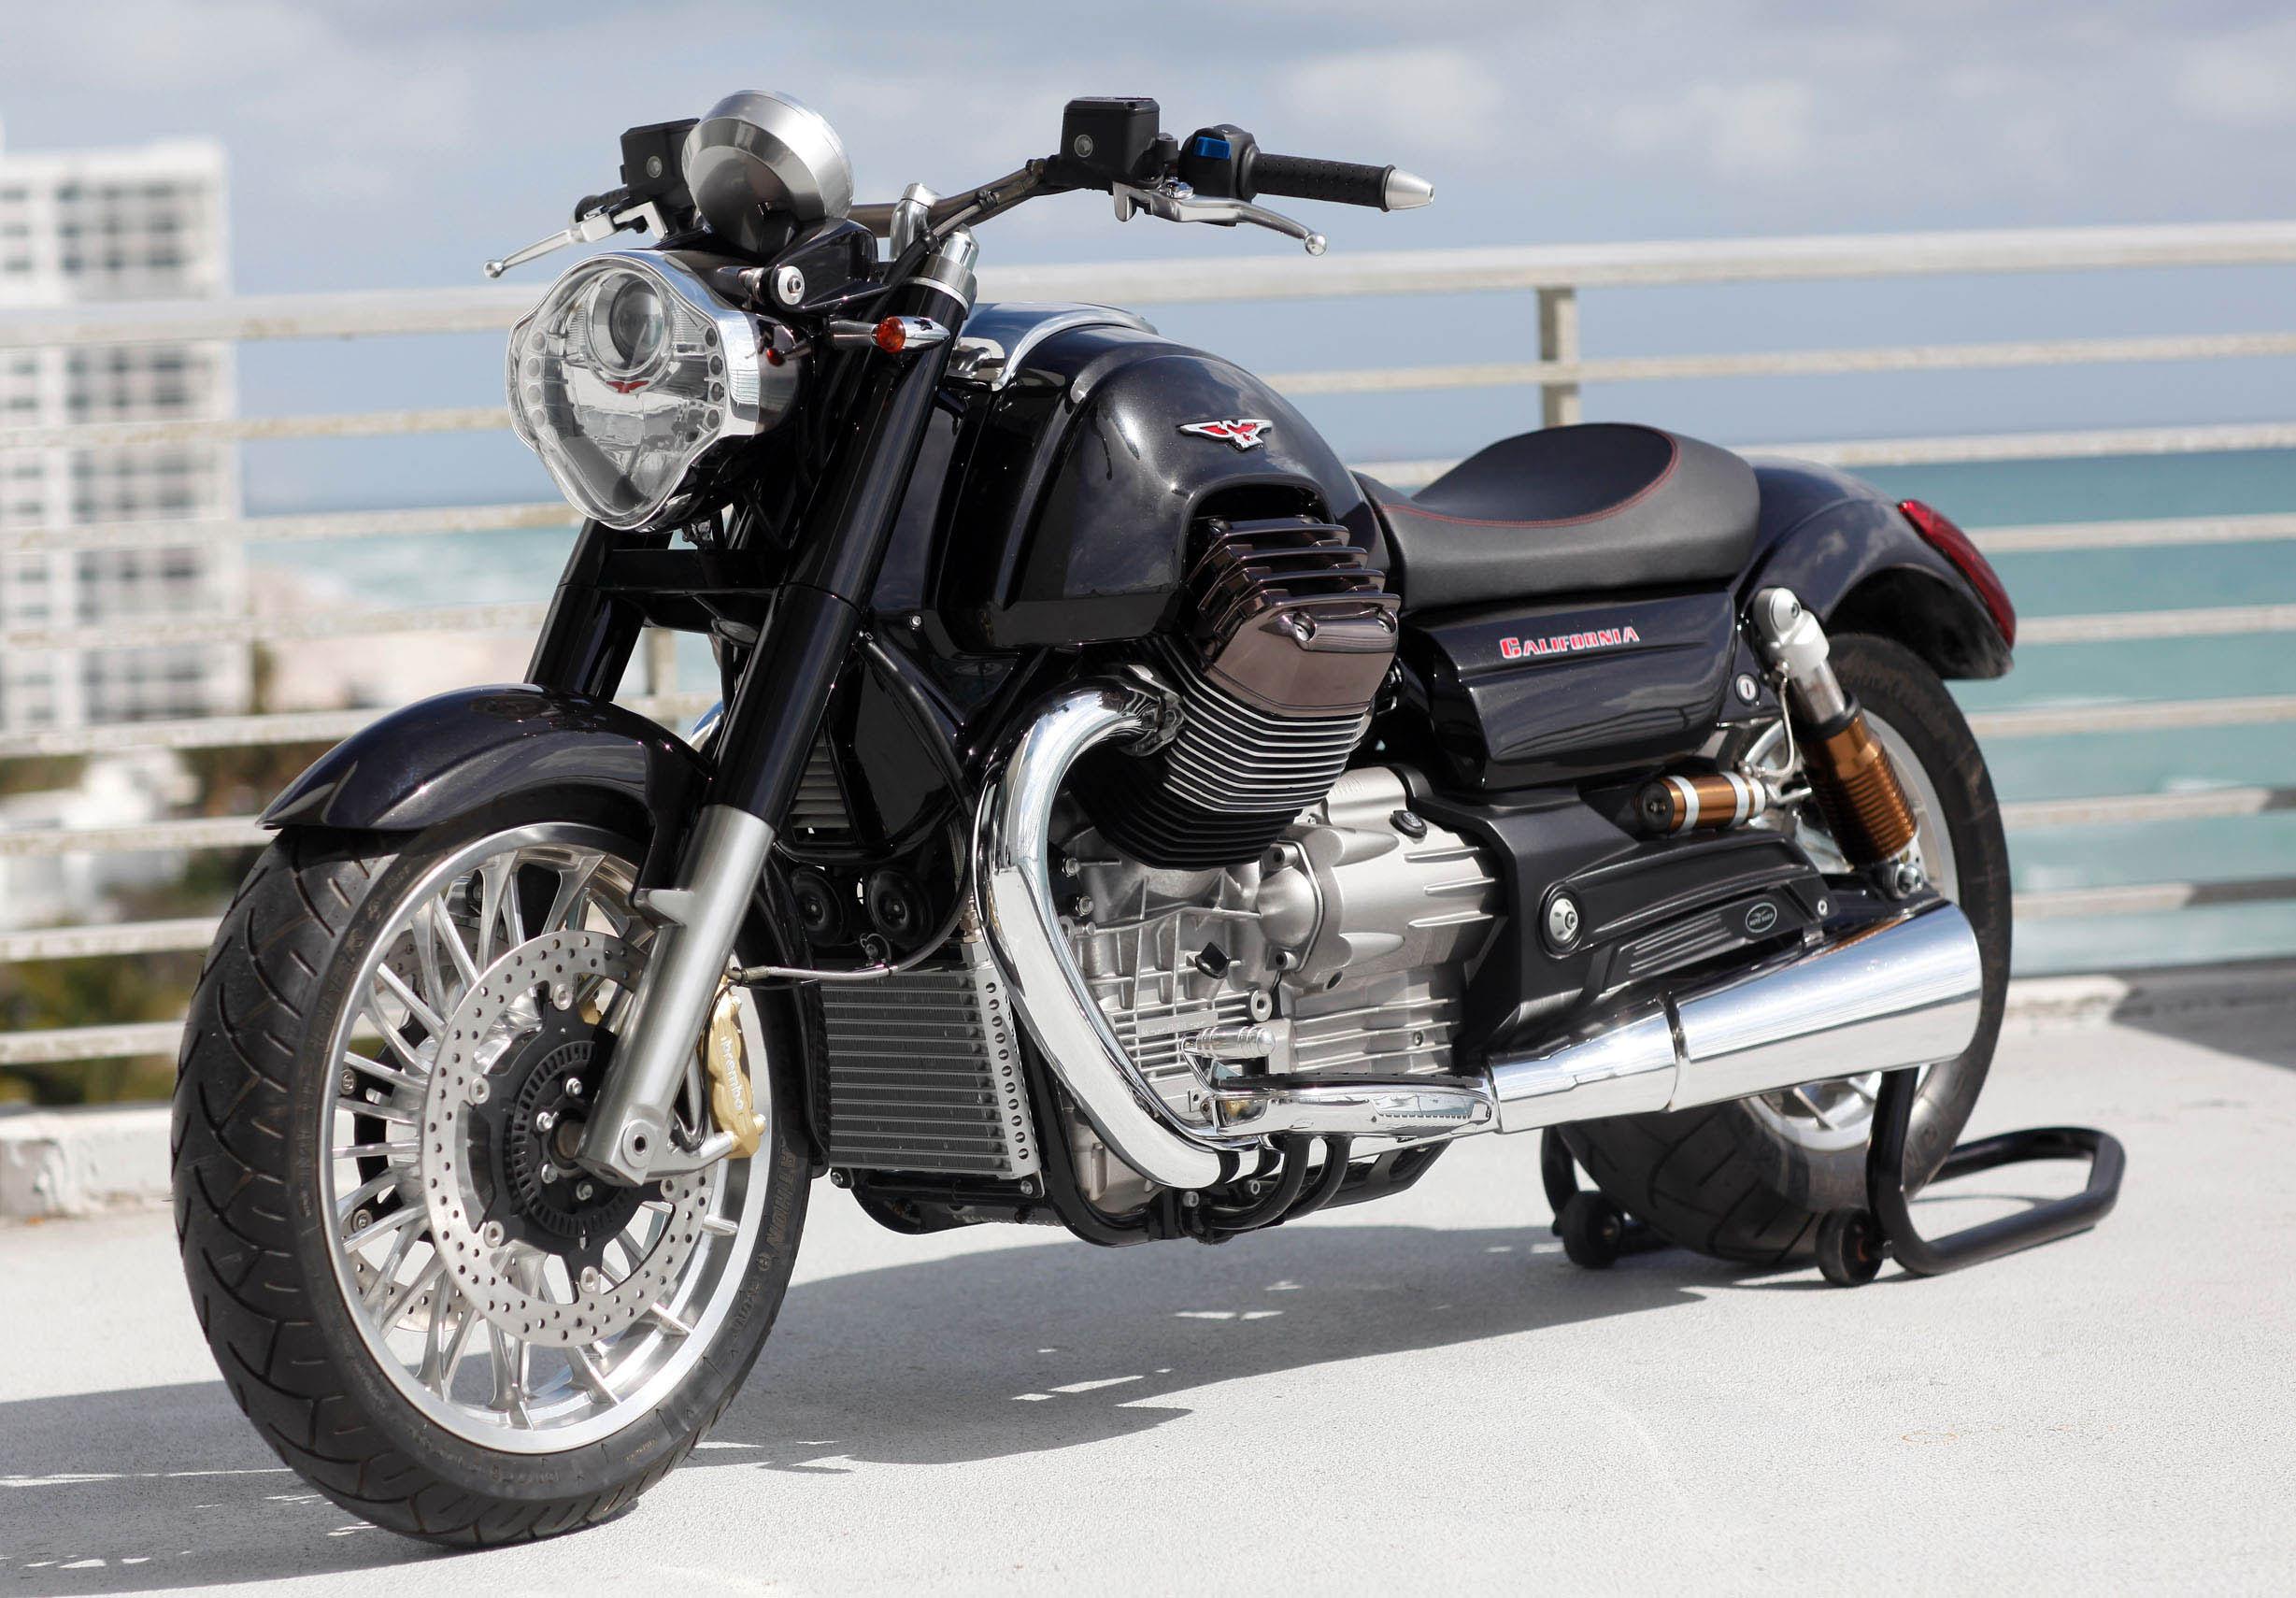 moto guzzi california 1400 concept specs - 2012, 2013 - autoevolution